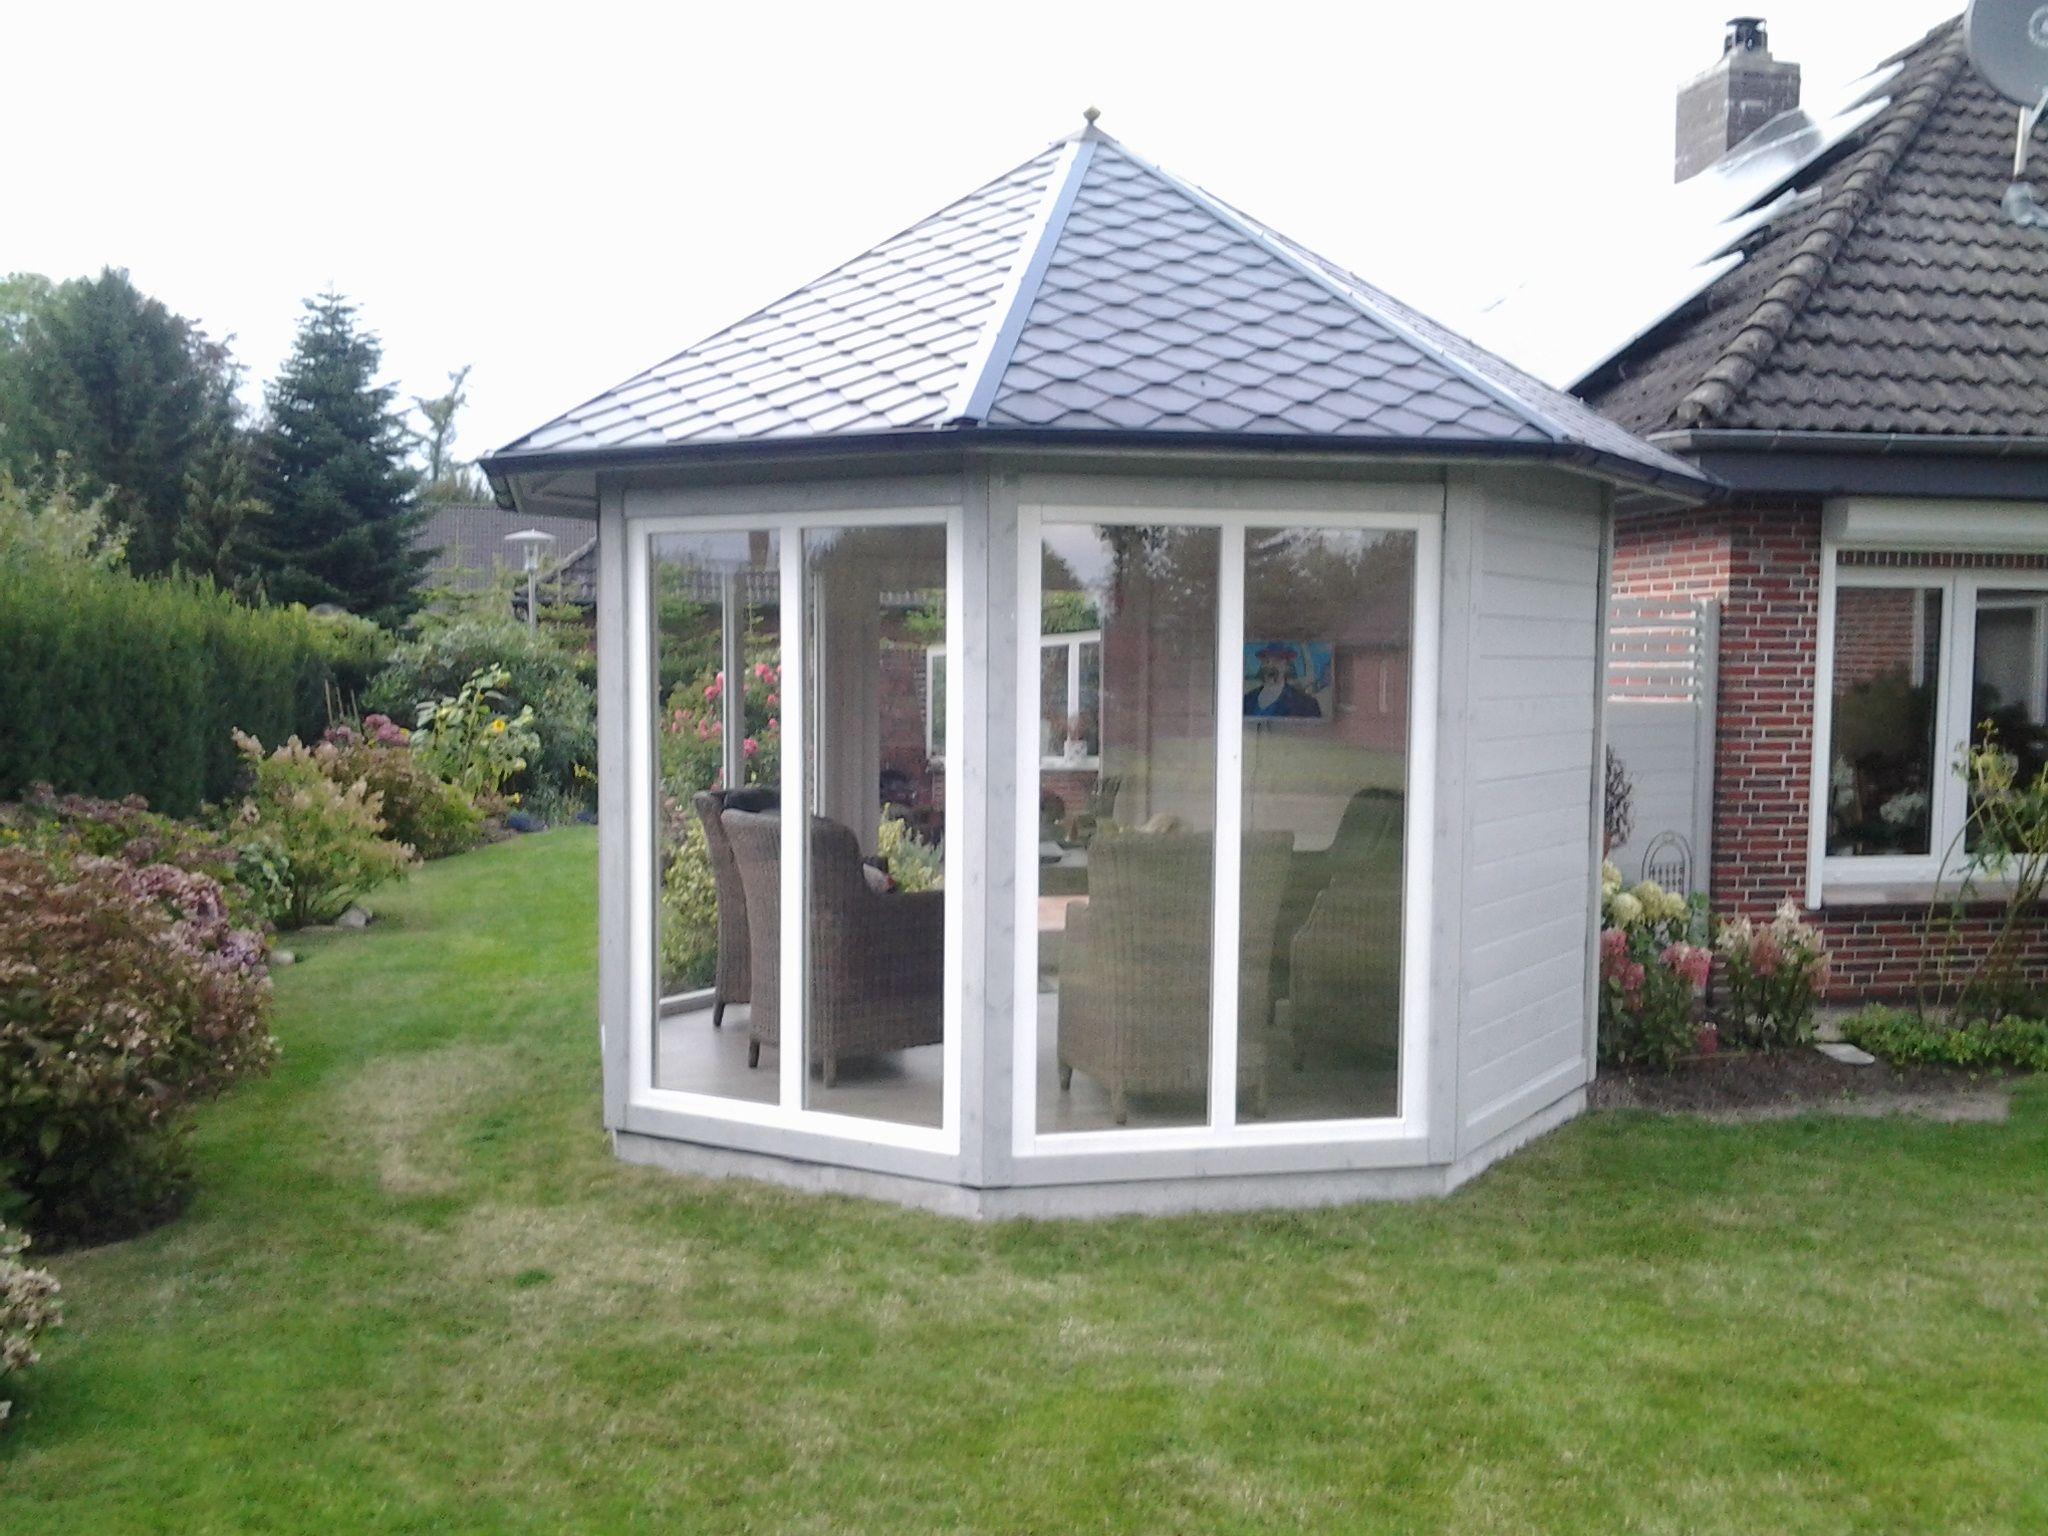 Gartenpavillon in Grau und Weiß mit bodentiefen Fenstern